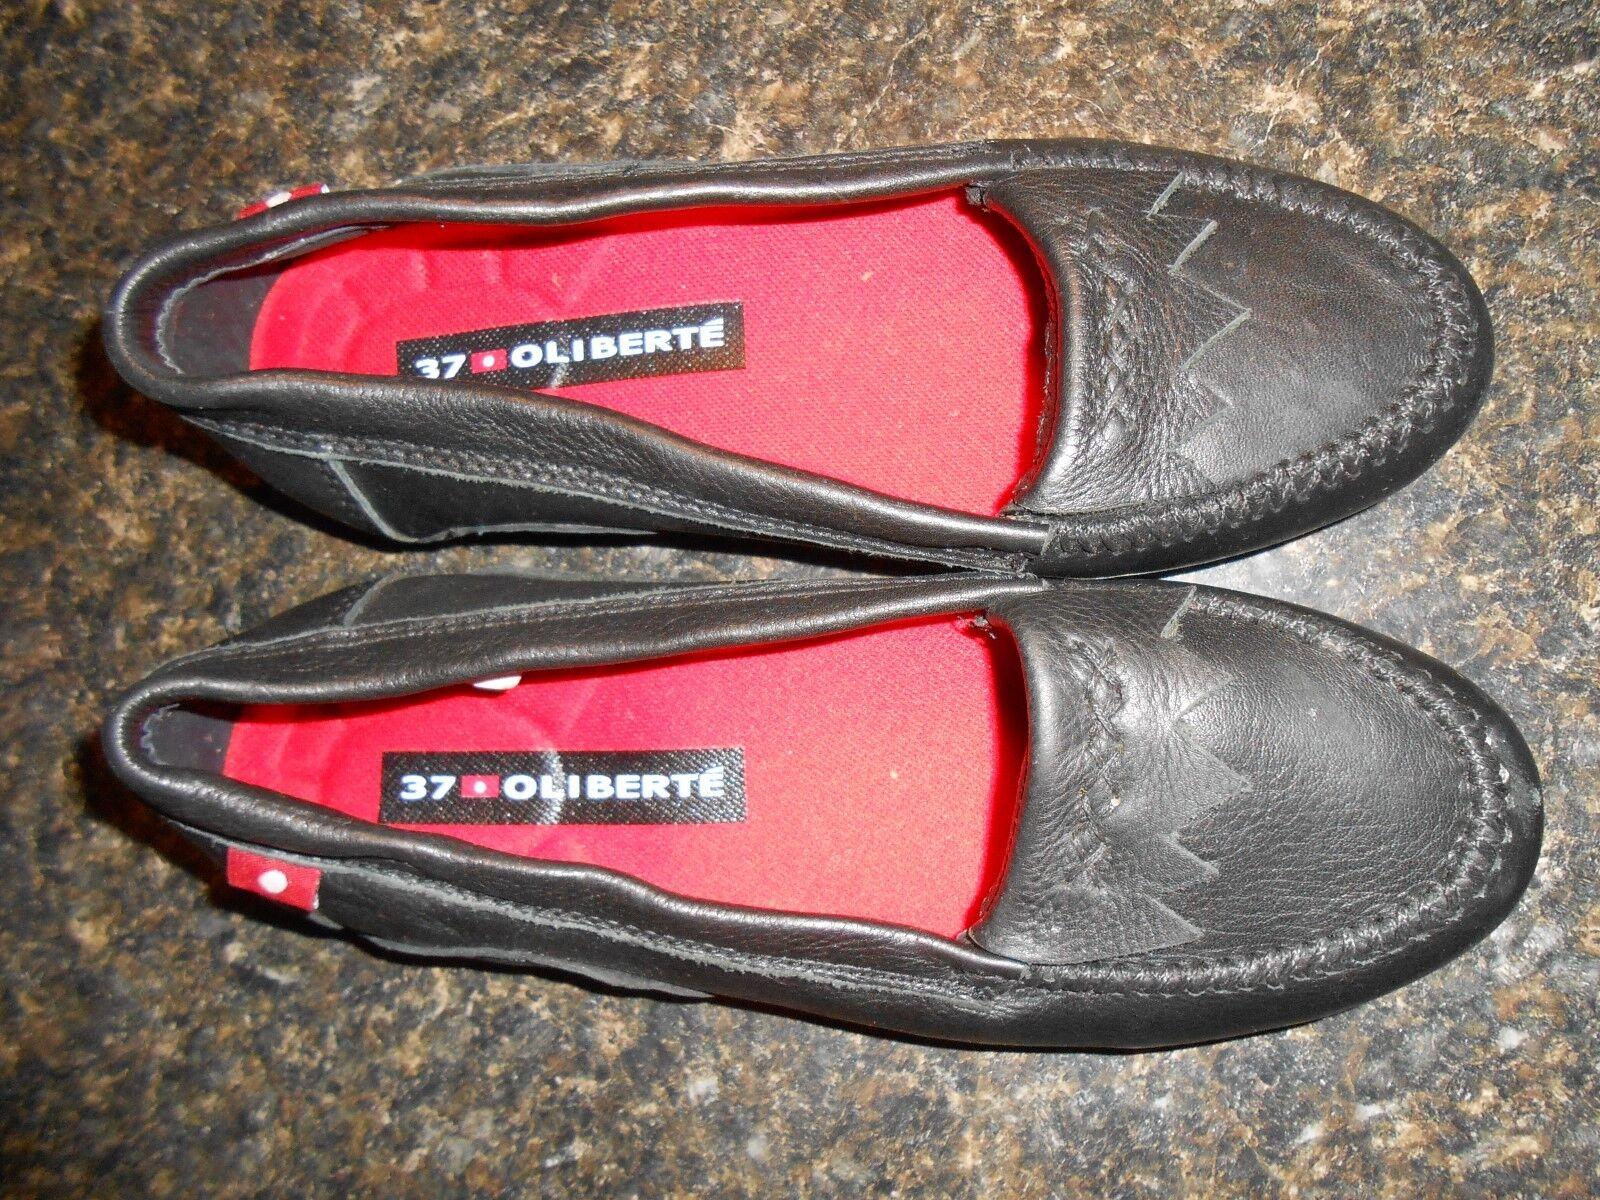 fantastica qualità Oliberte nero nero nero leather Ralini flats moccasin scarpe display 7M New no box save   sport dello shopping online